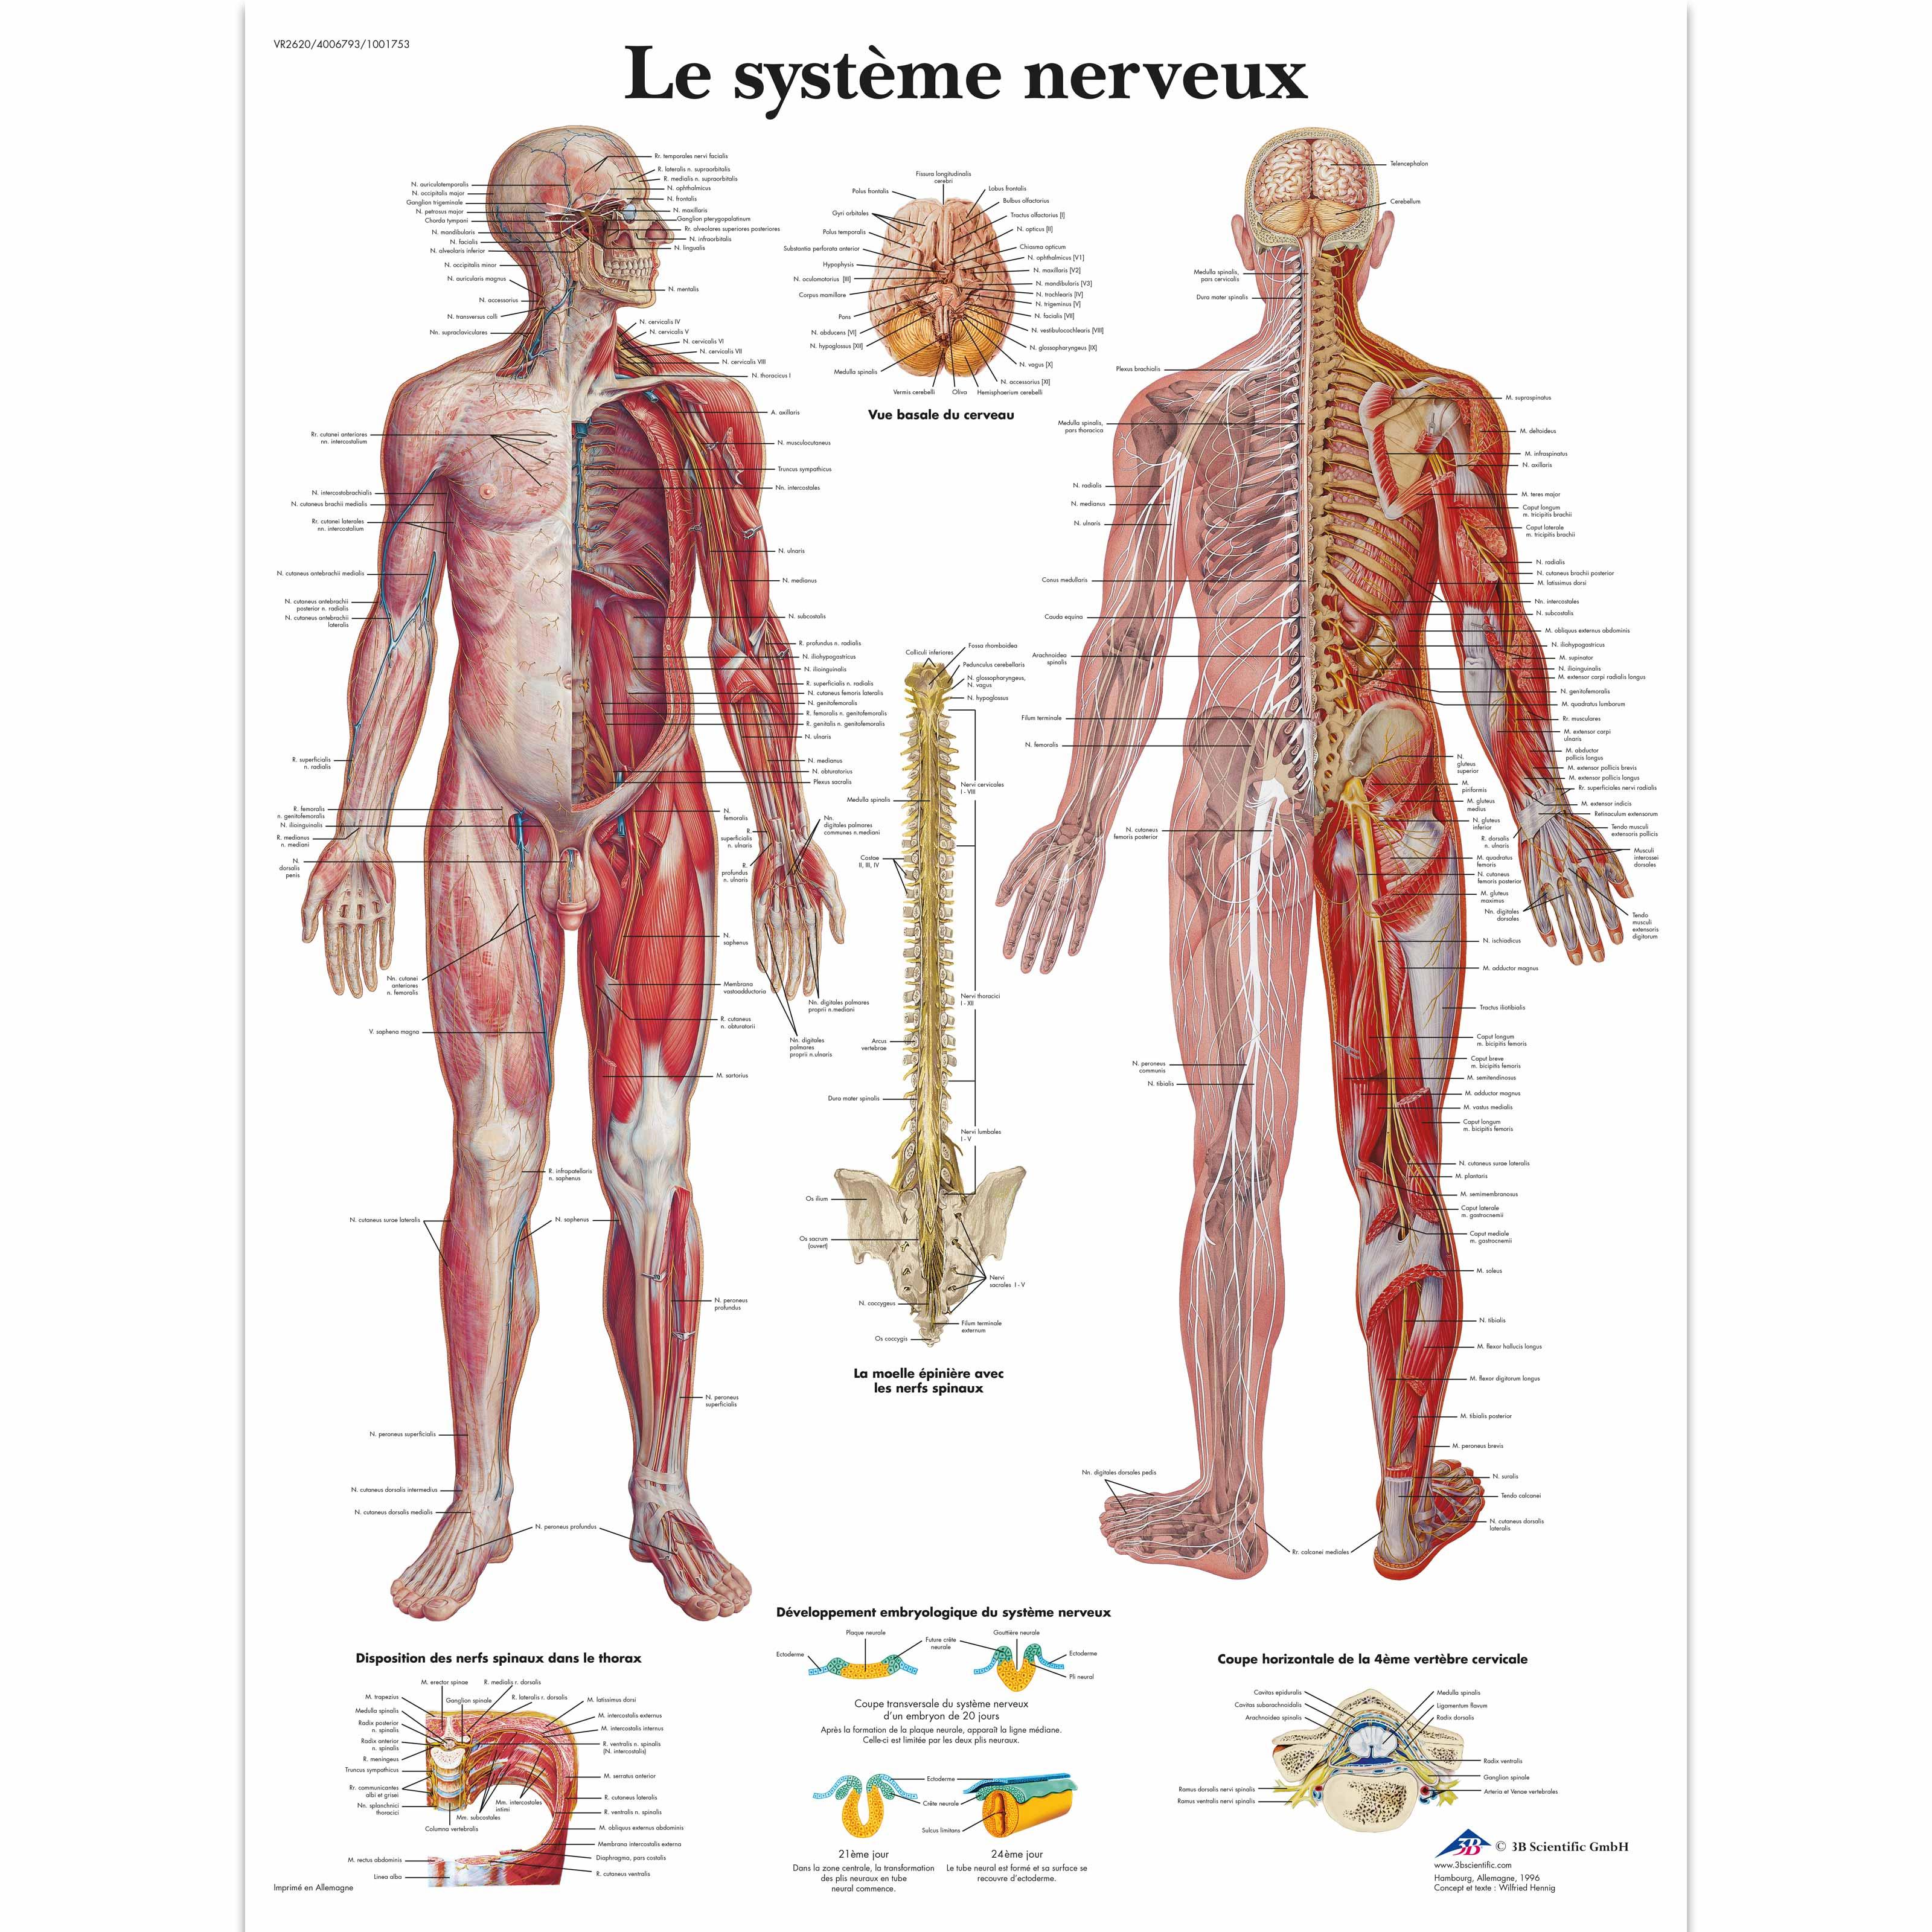 Nett Anatomische Systeme Fotos - Anatomie Ideen - finotti.info